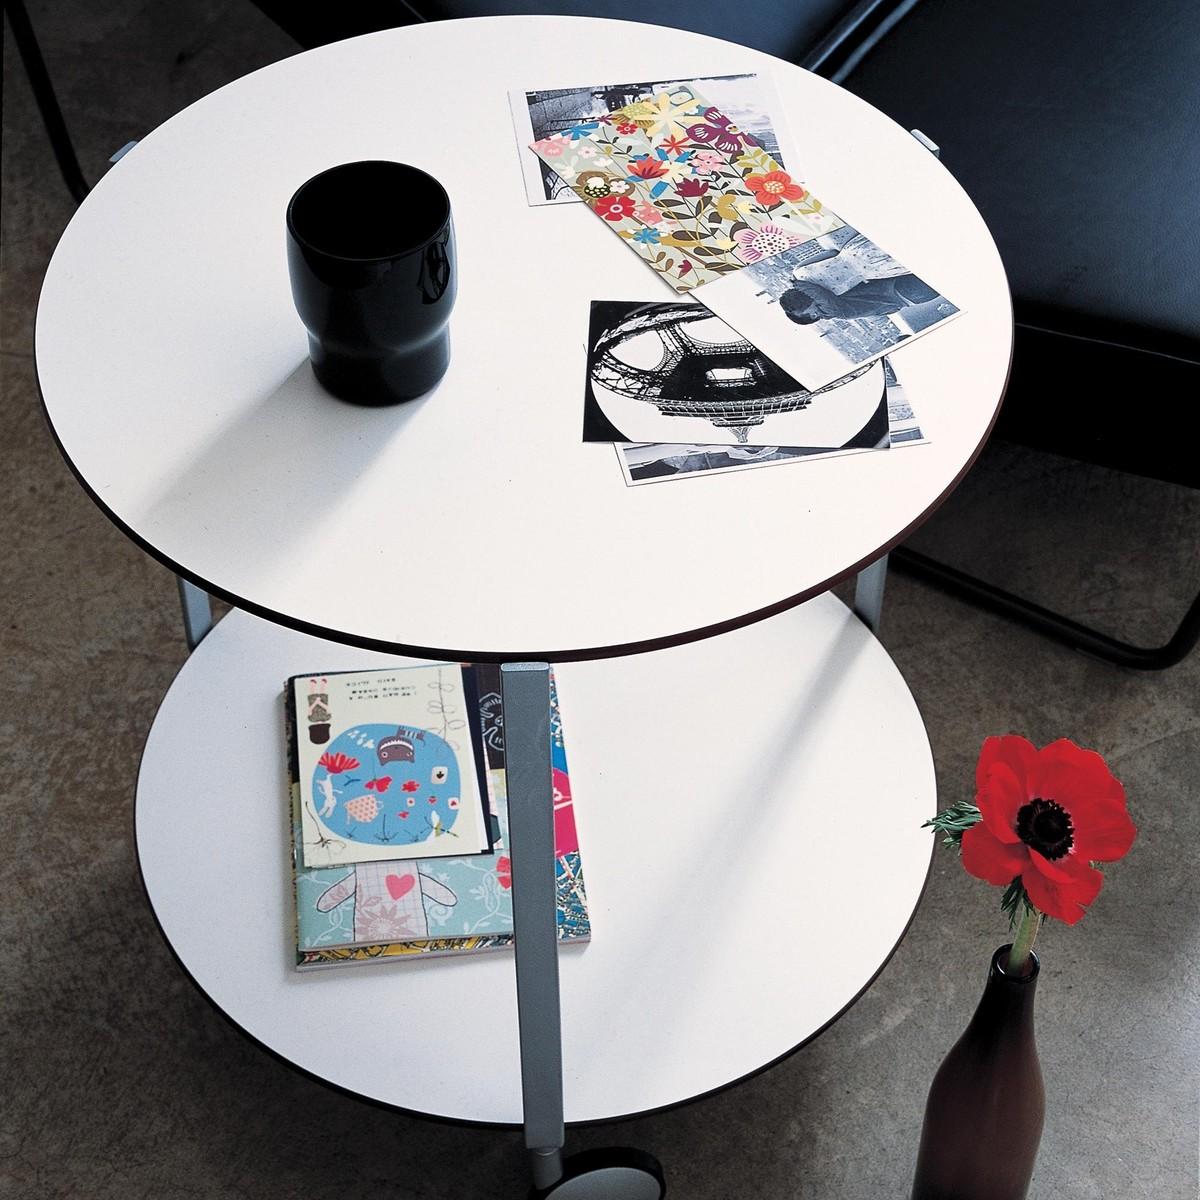 Gir petite table sur roulettes zanotta - Petite table a roulette ...